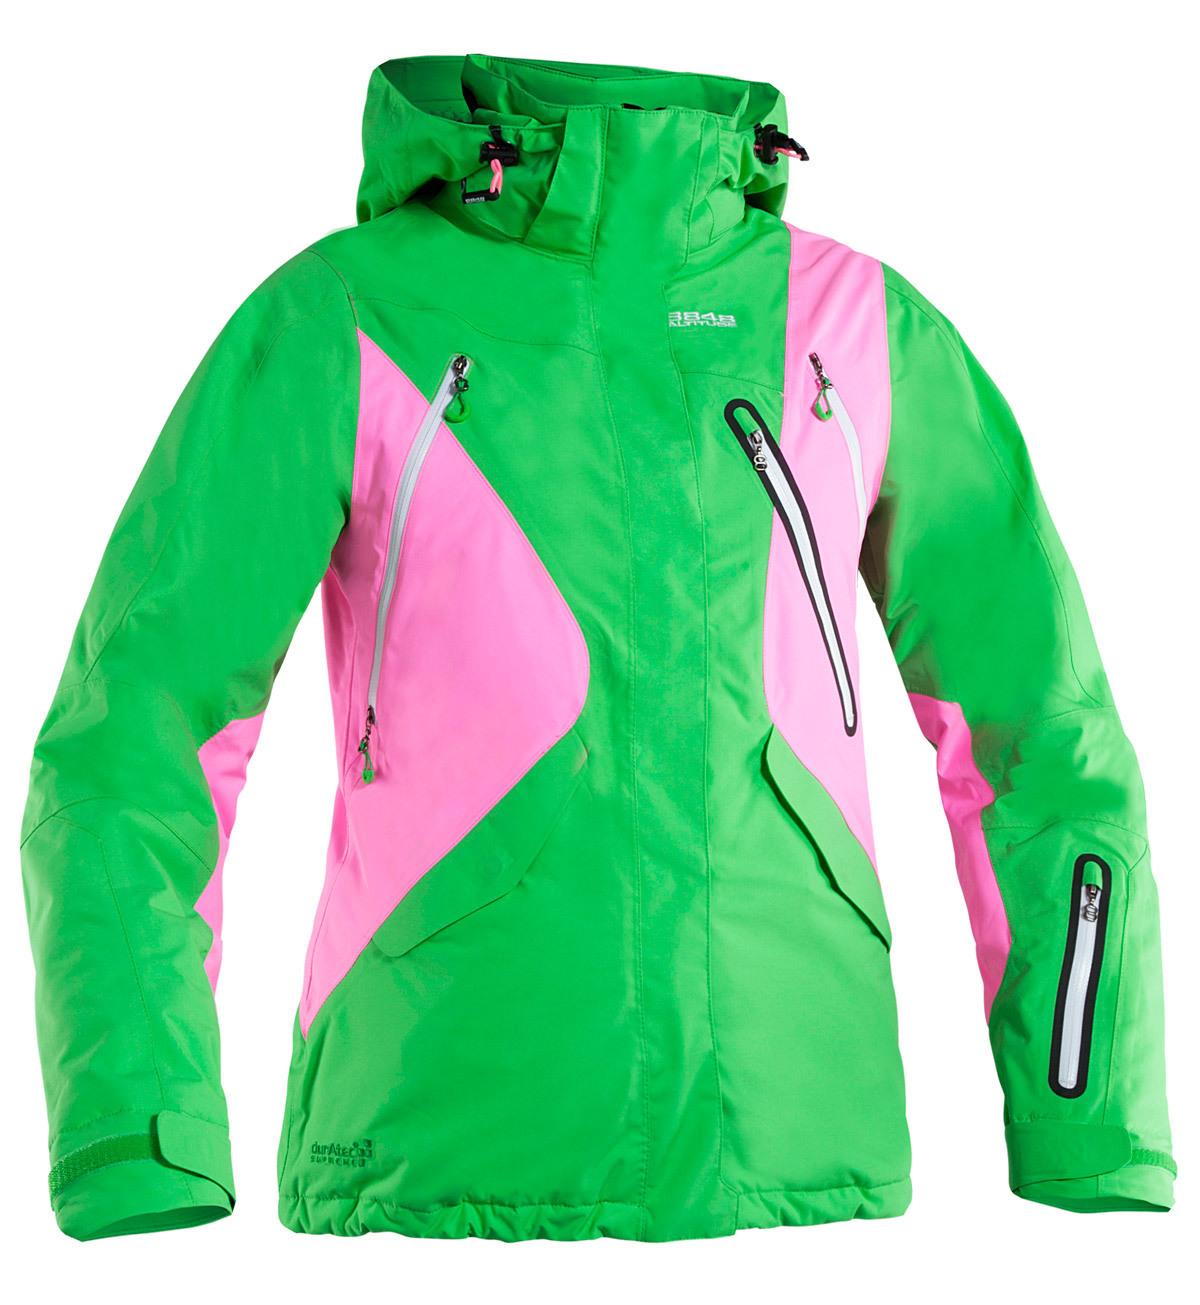 Горнолыжная куртка 8848 Altitude Cindrell зеленая